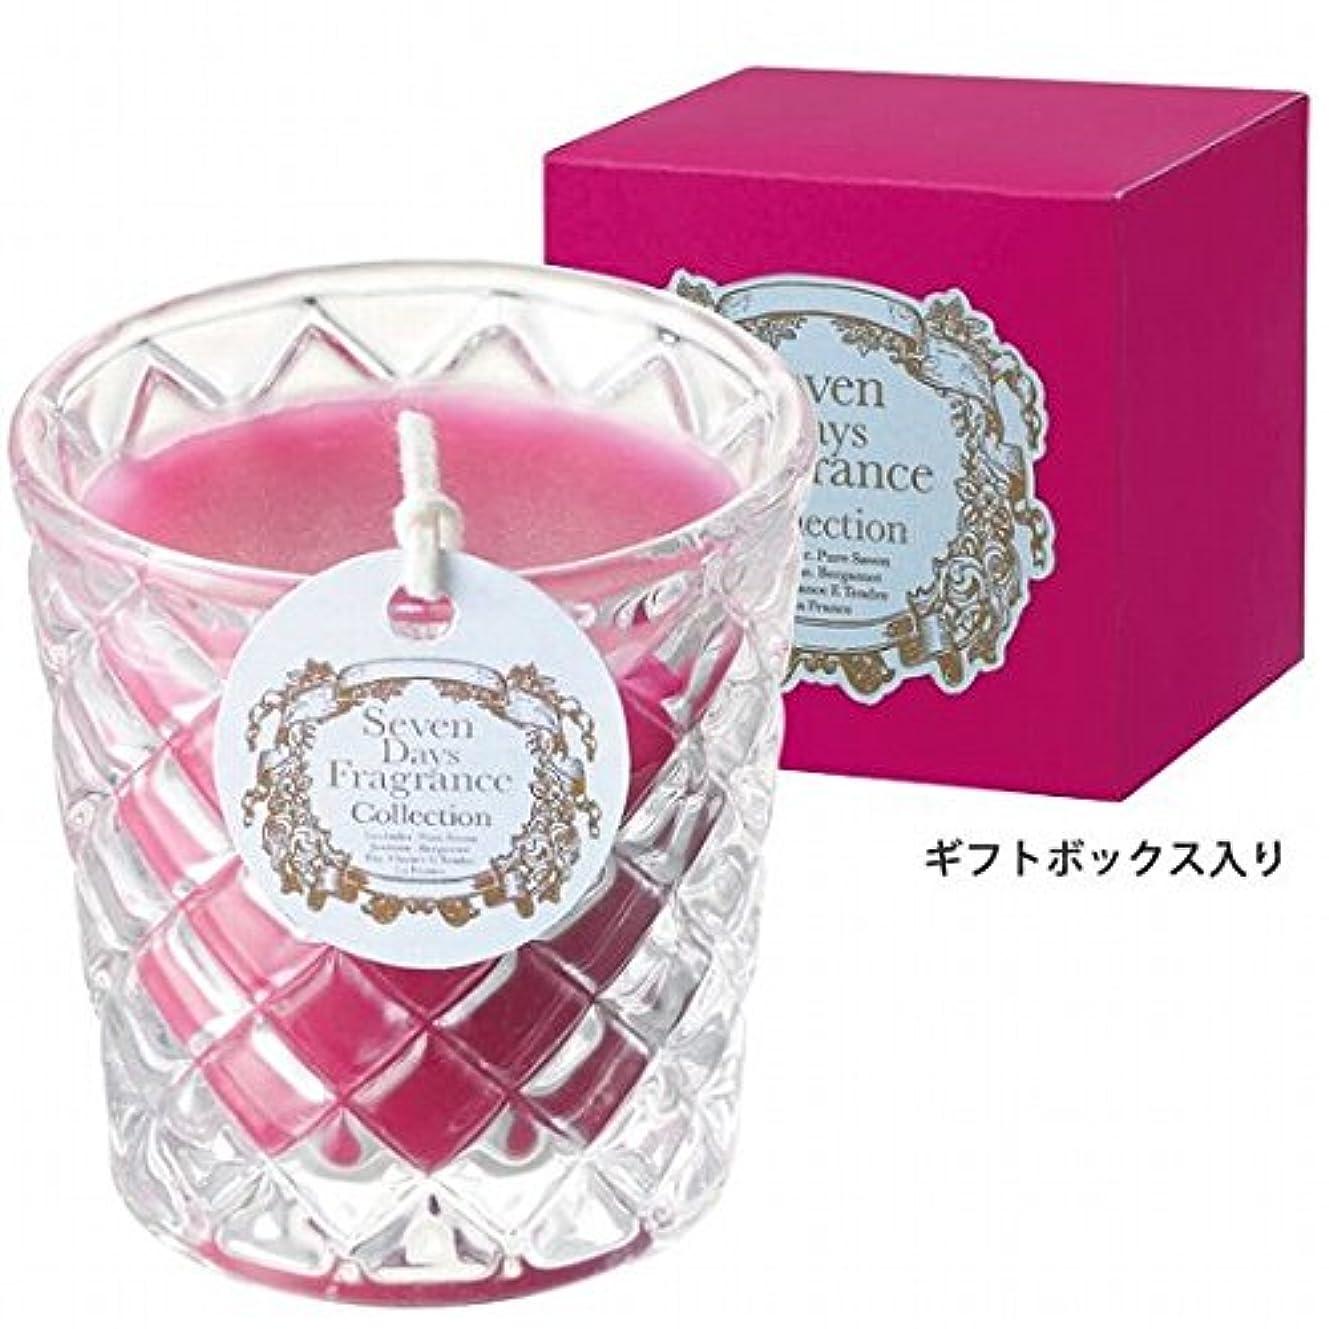 冗談でニンニクカストディアンカメヤマキャンドル( kameyama candle ) セブンデイズグラスキャンドル(木曜日) 「 フィグ 」